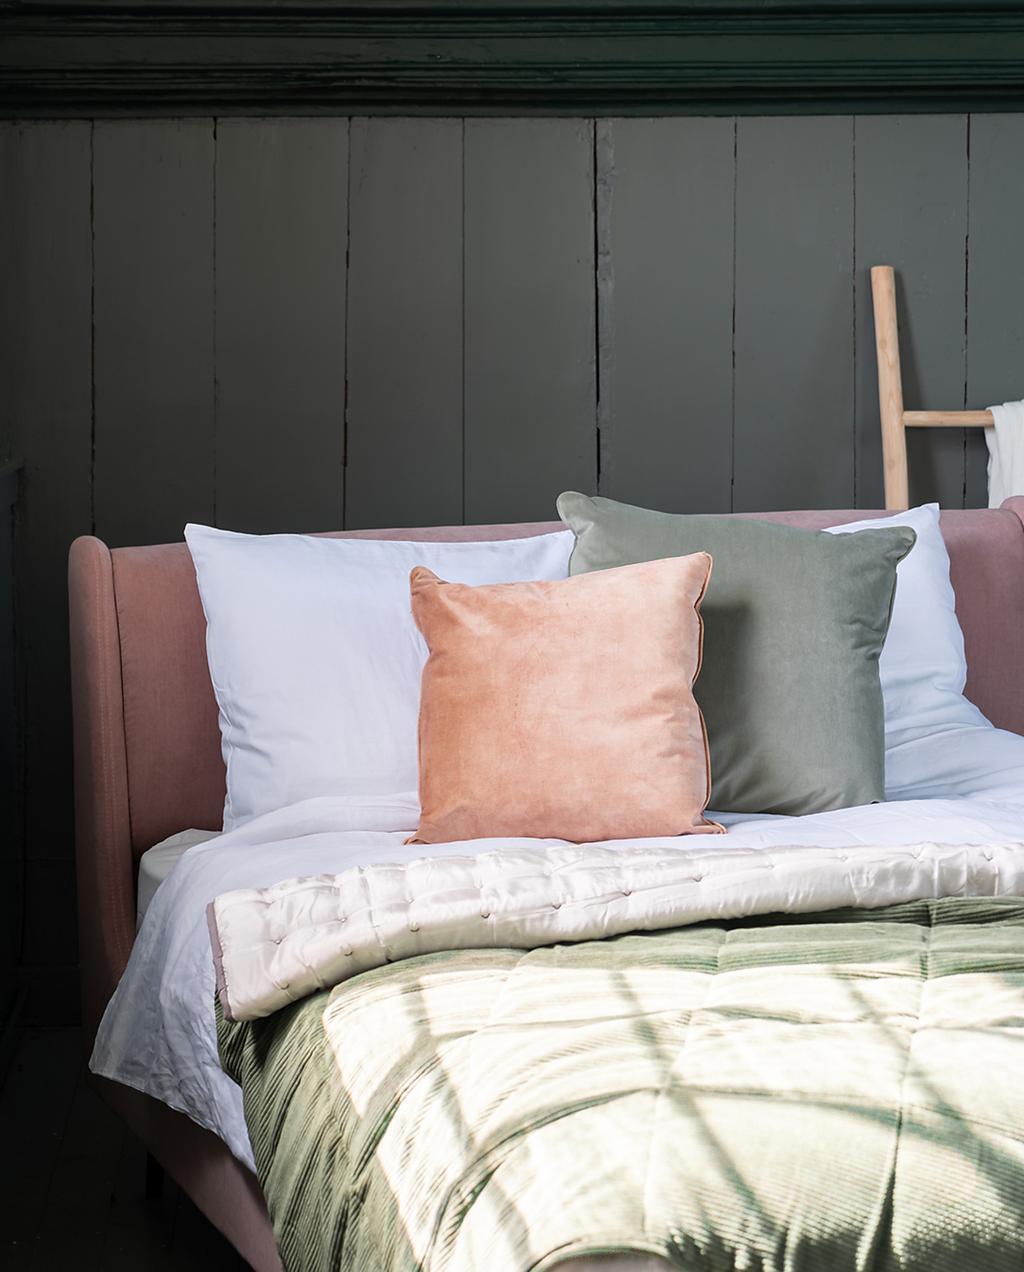 heilige nachten en made.com | overnachten in een opgeknapte kerk | roze bed met roze en groene kussens en een groene sprei